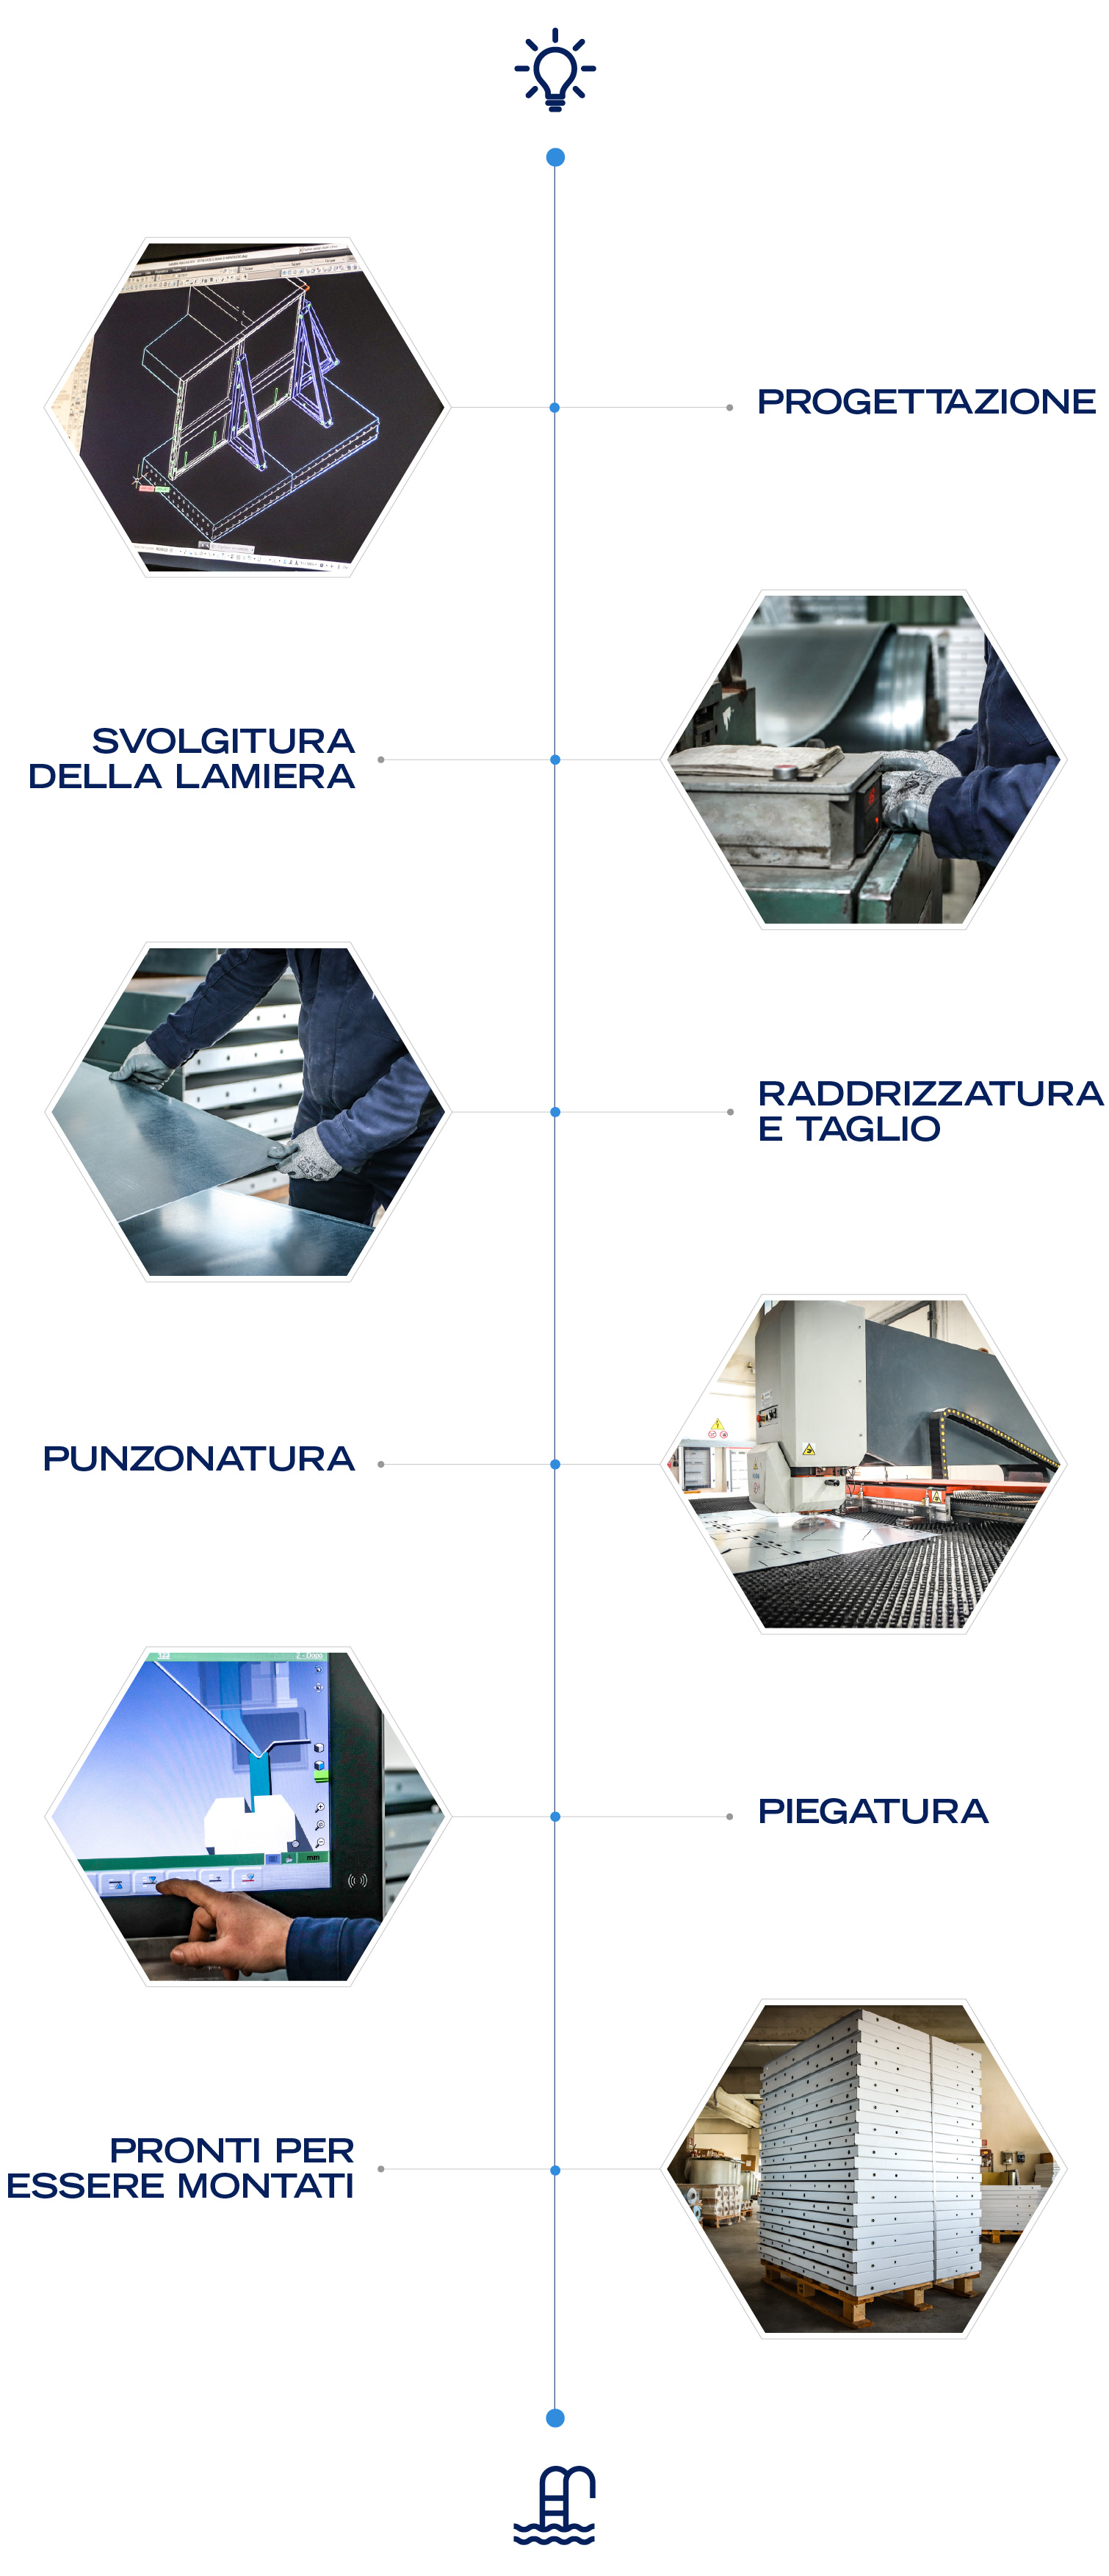 produzione-pannelli-pool-sider-piscine